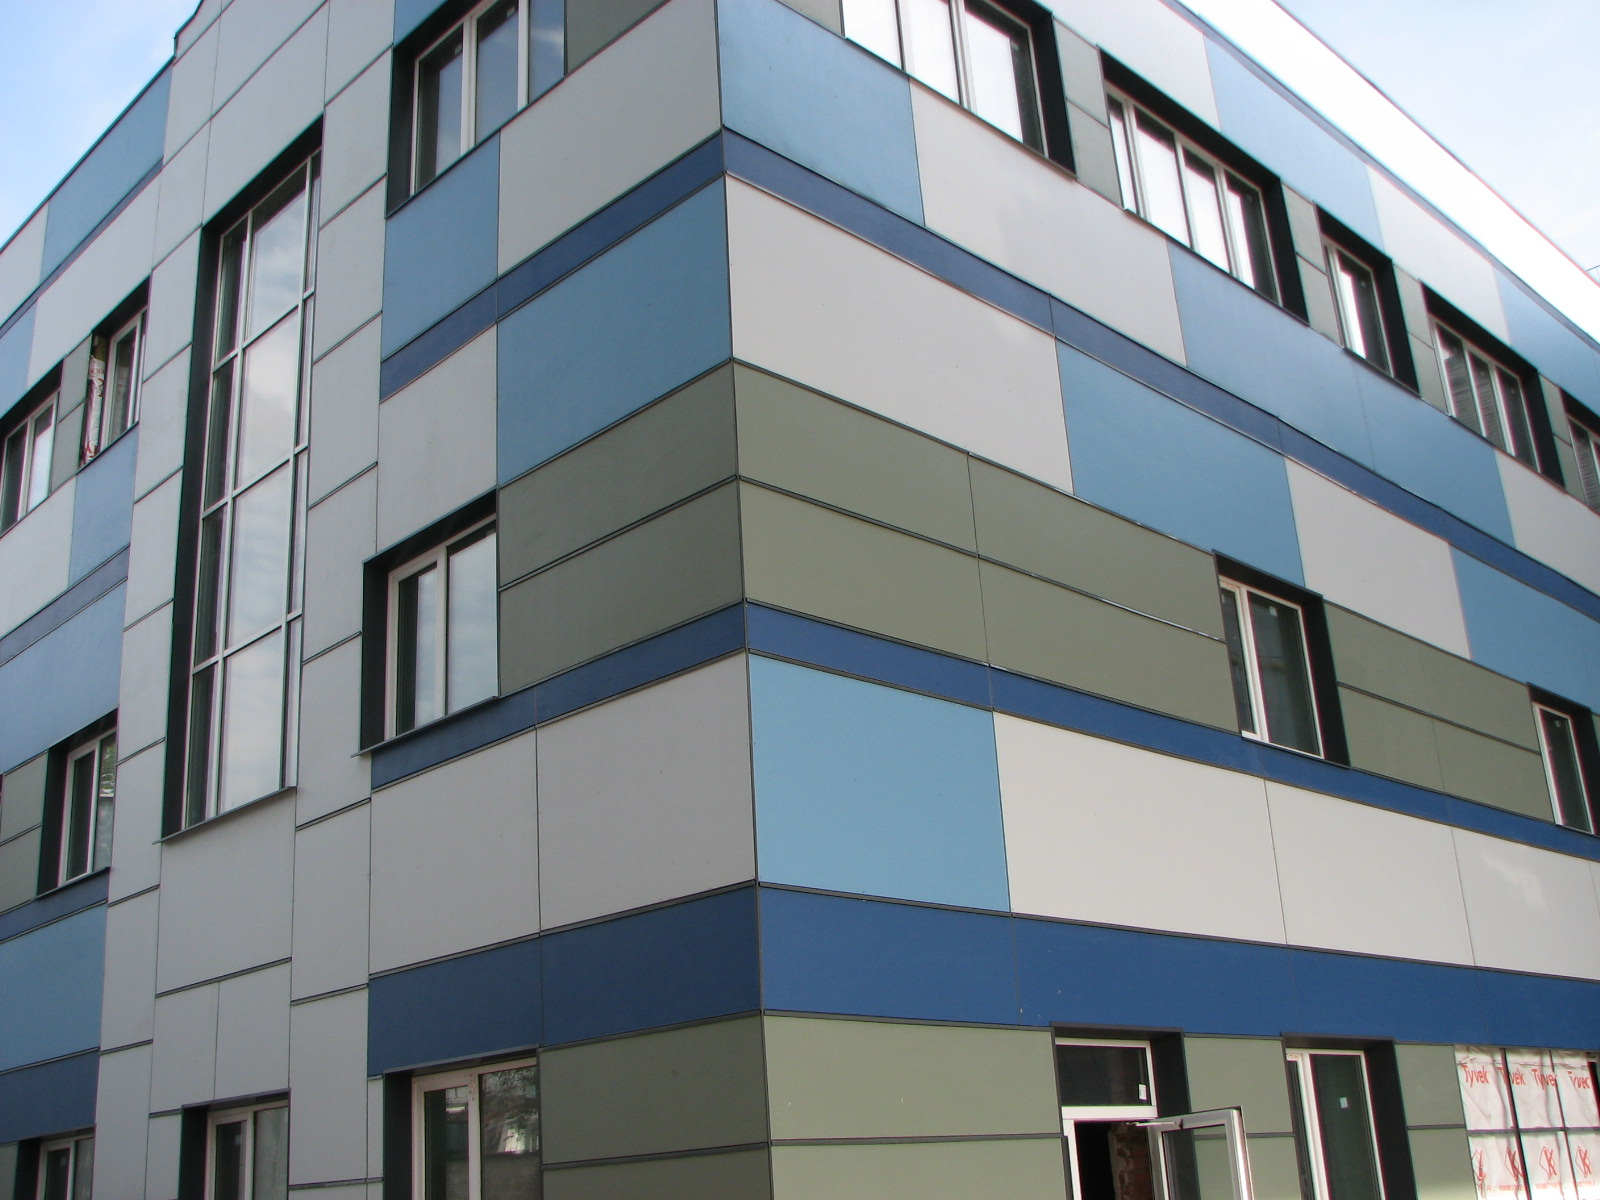 Облицовки фасадов фиброцементными панелями